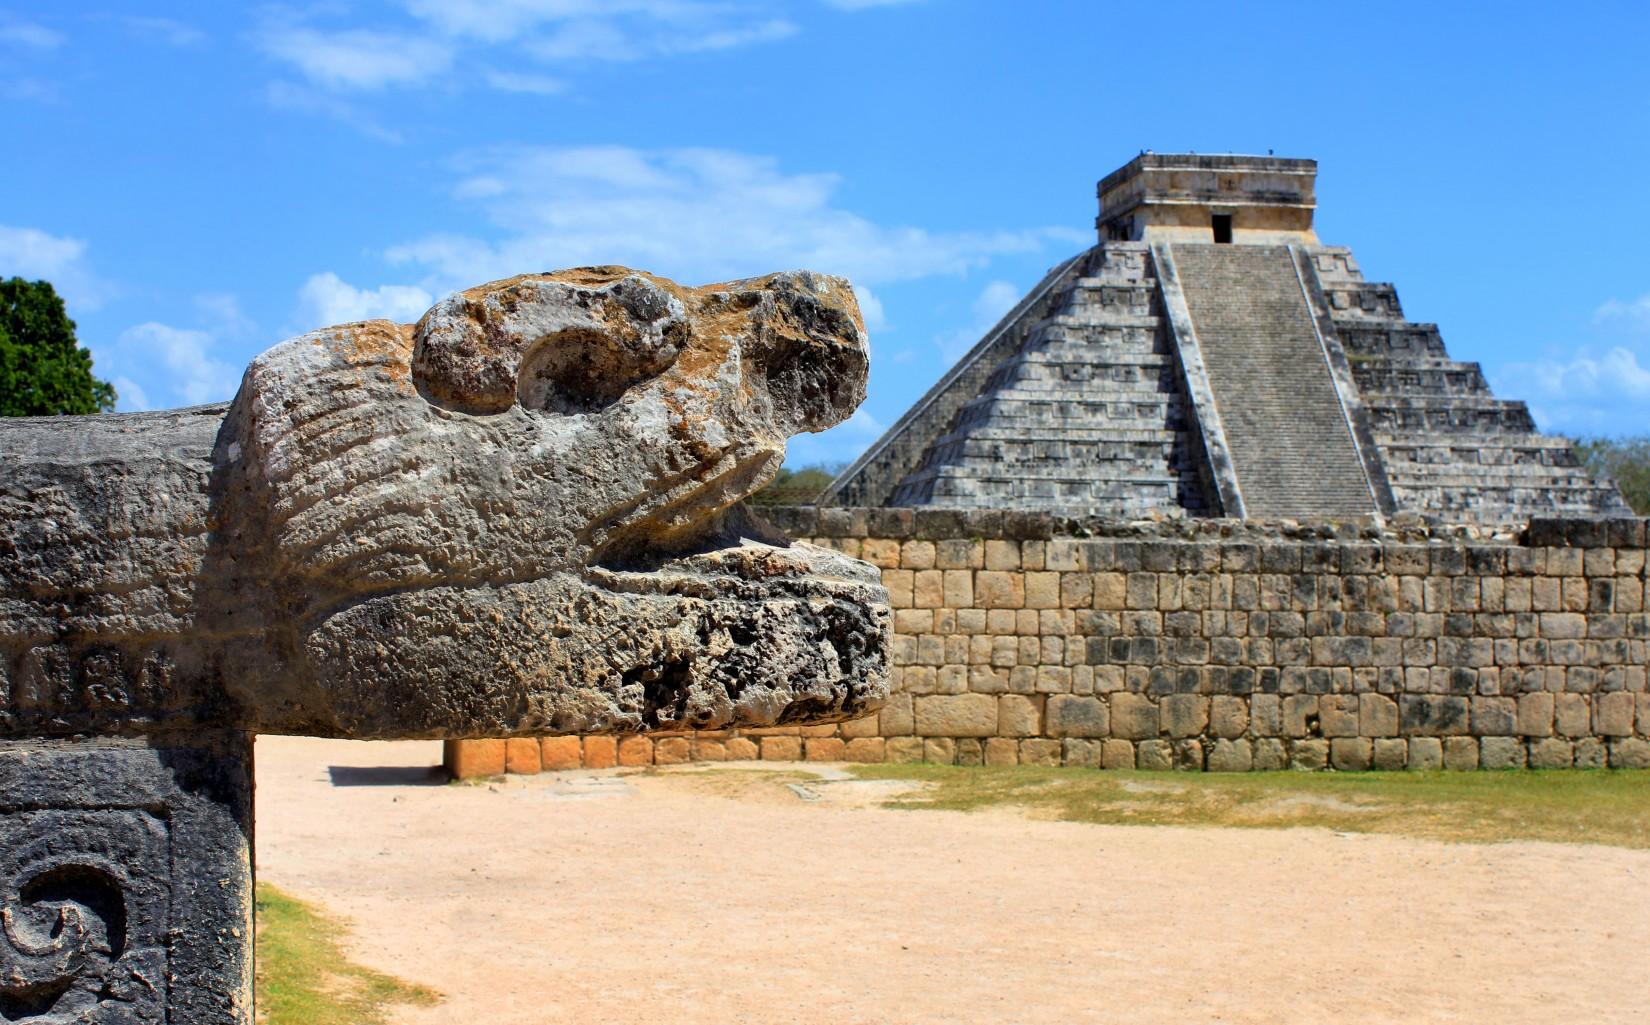 CZK8 Chichen Itza Mayan Ruins